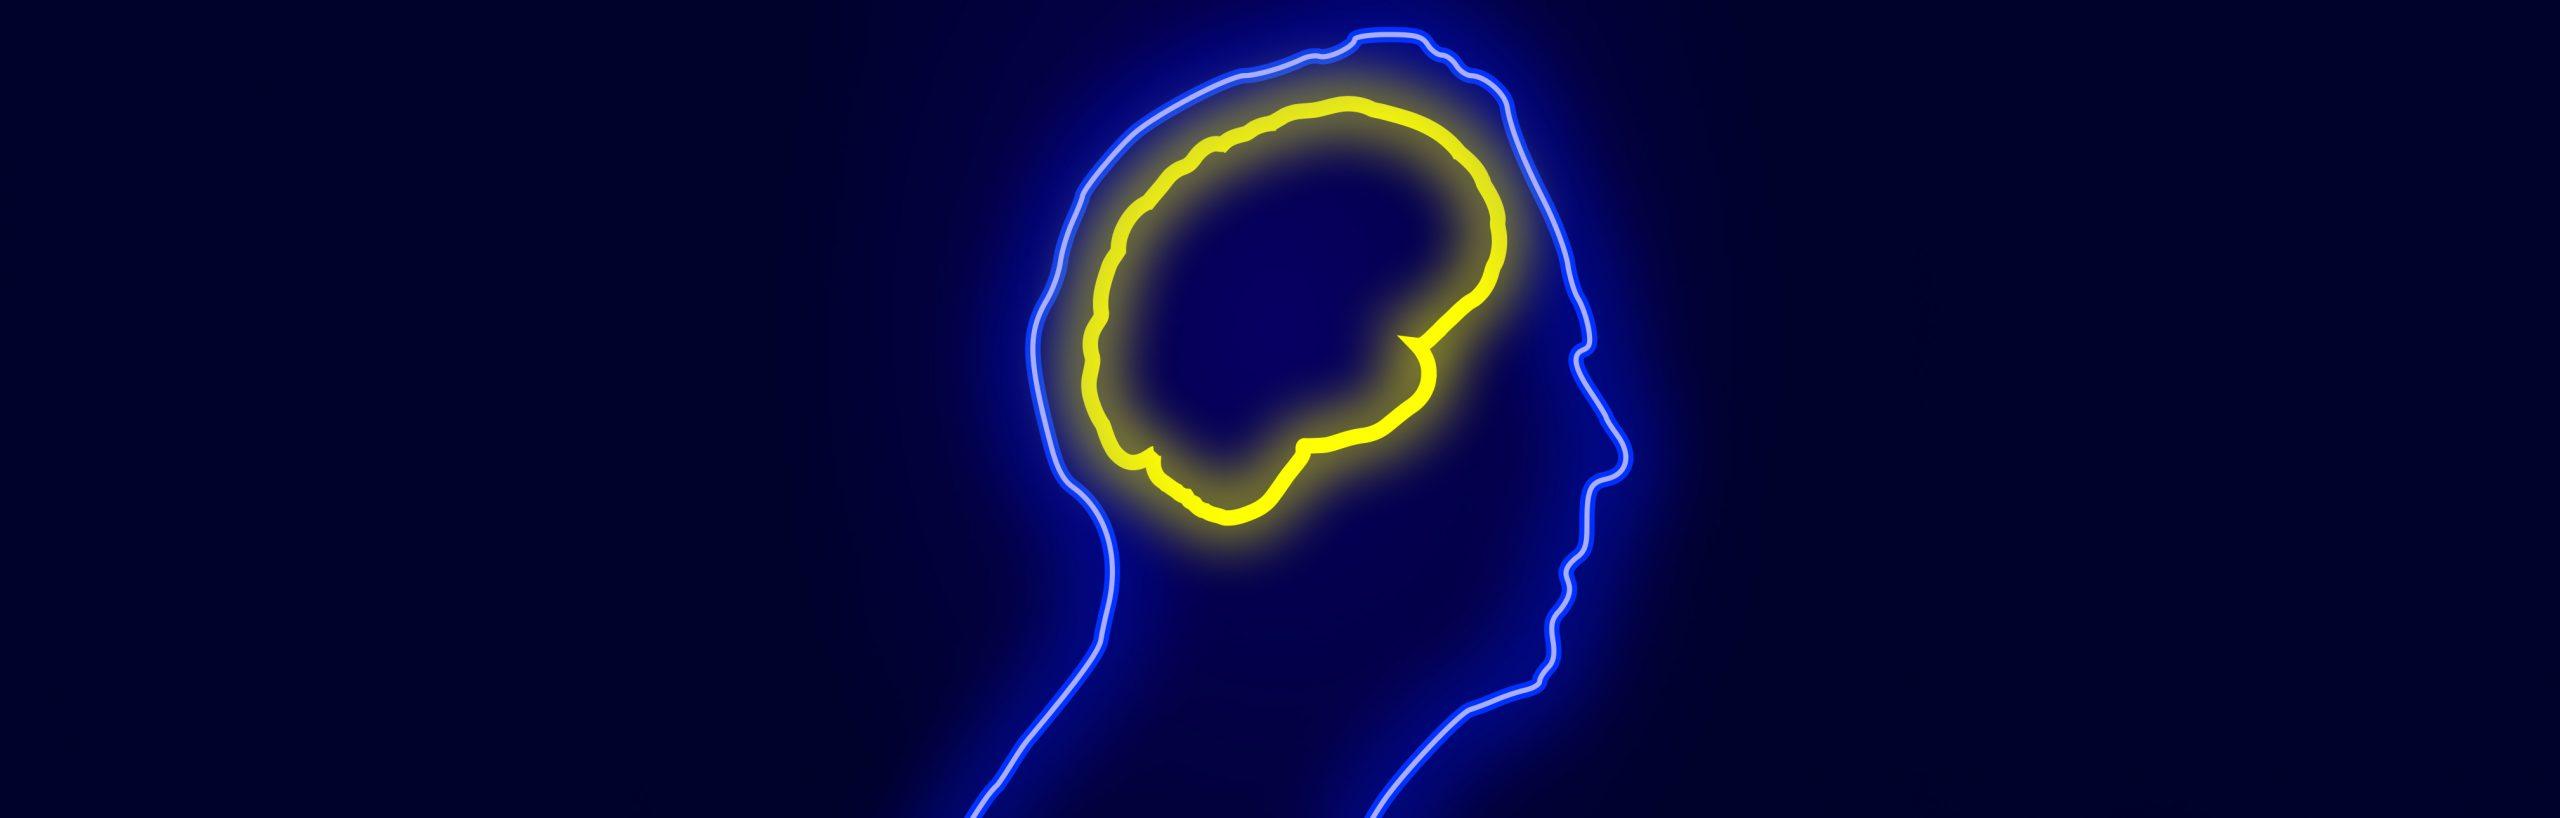 """Νοητικό απόθεμα: φτιάχνοντας το """"κομπόδεμα"""" του εγκεφάλου"""